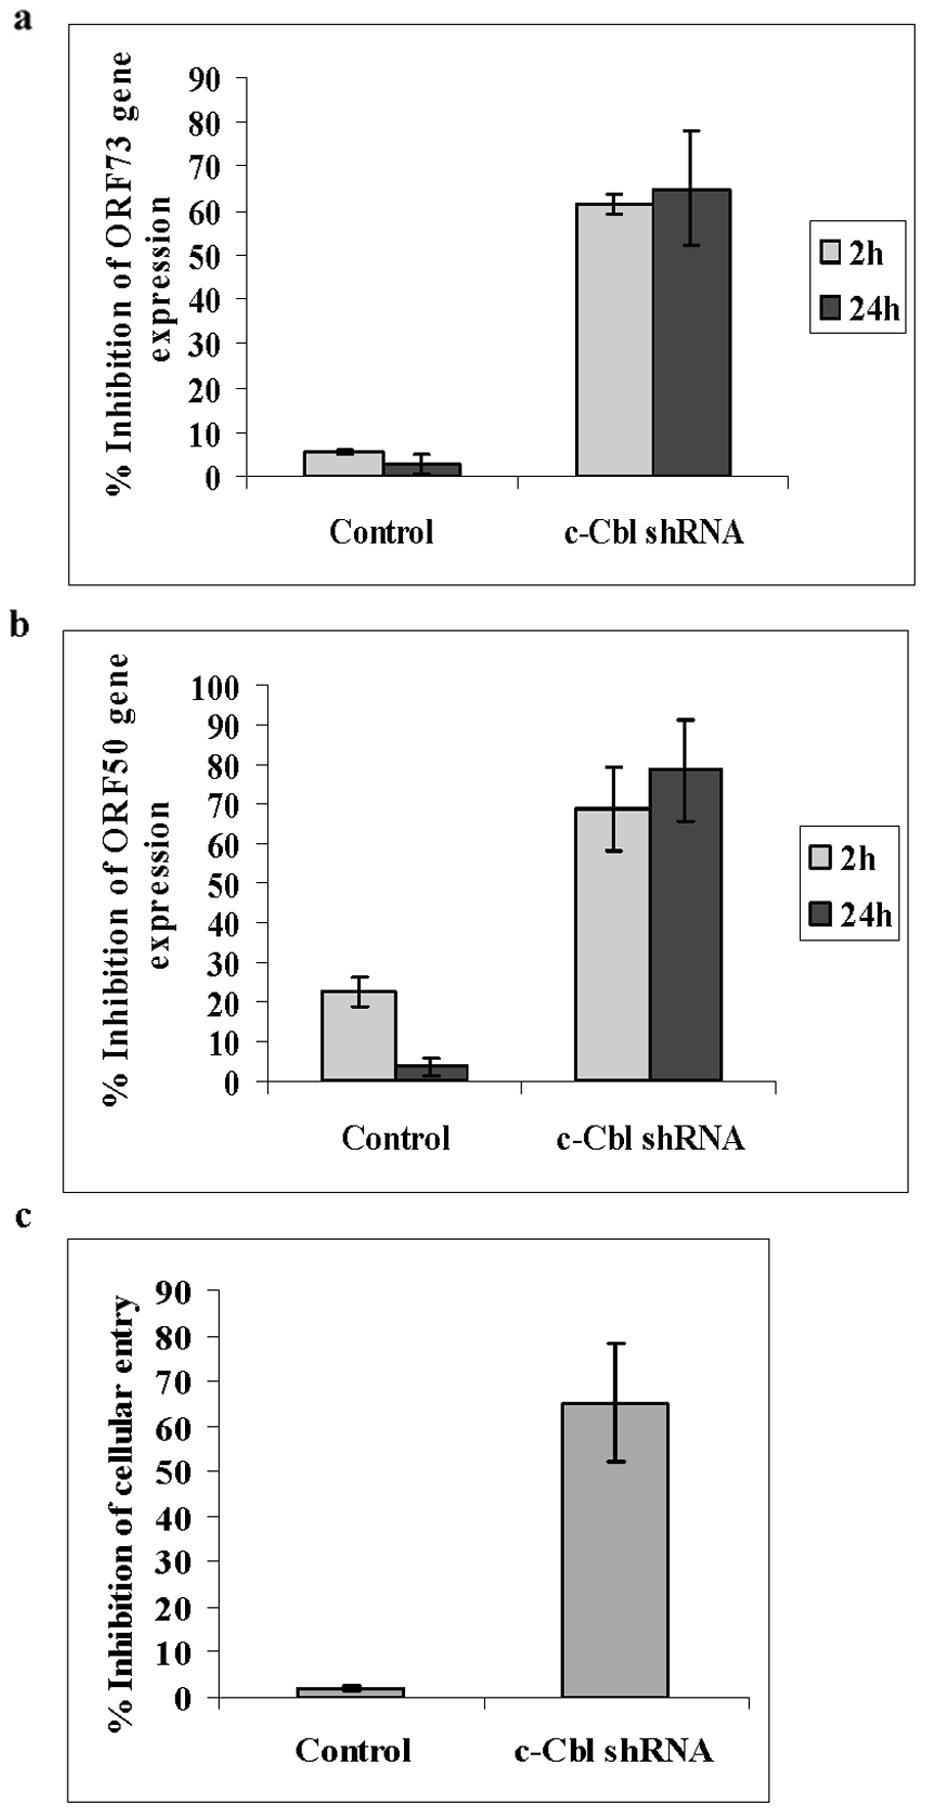 c-Cbl shRNA inhibits KSHV entry and infection.